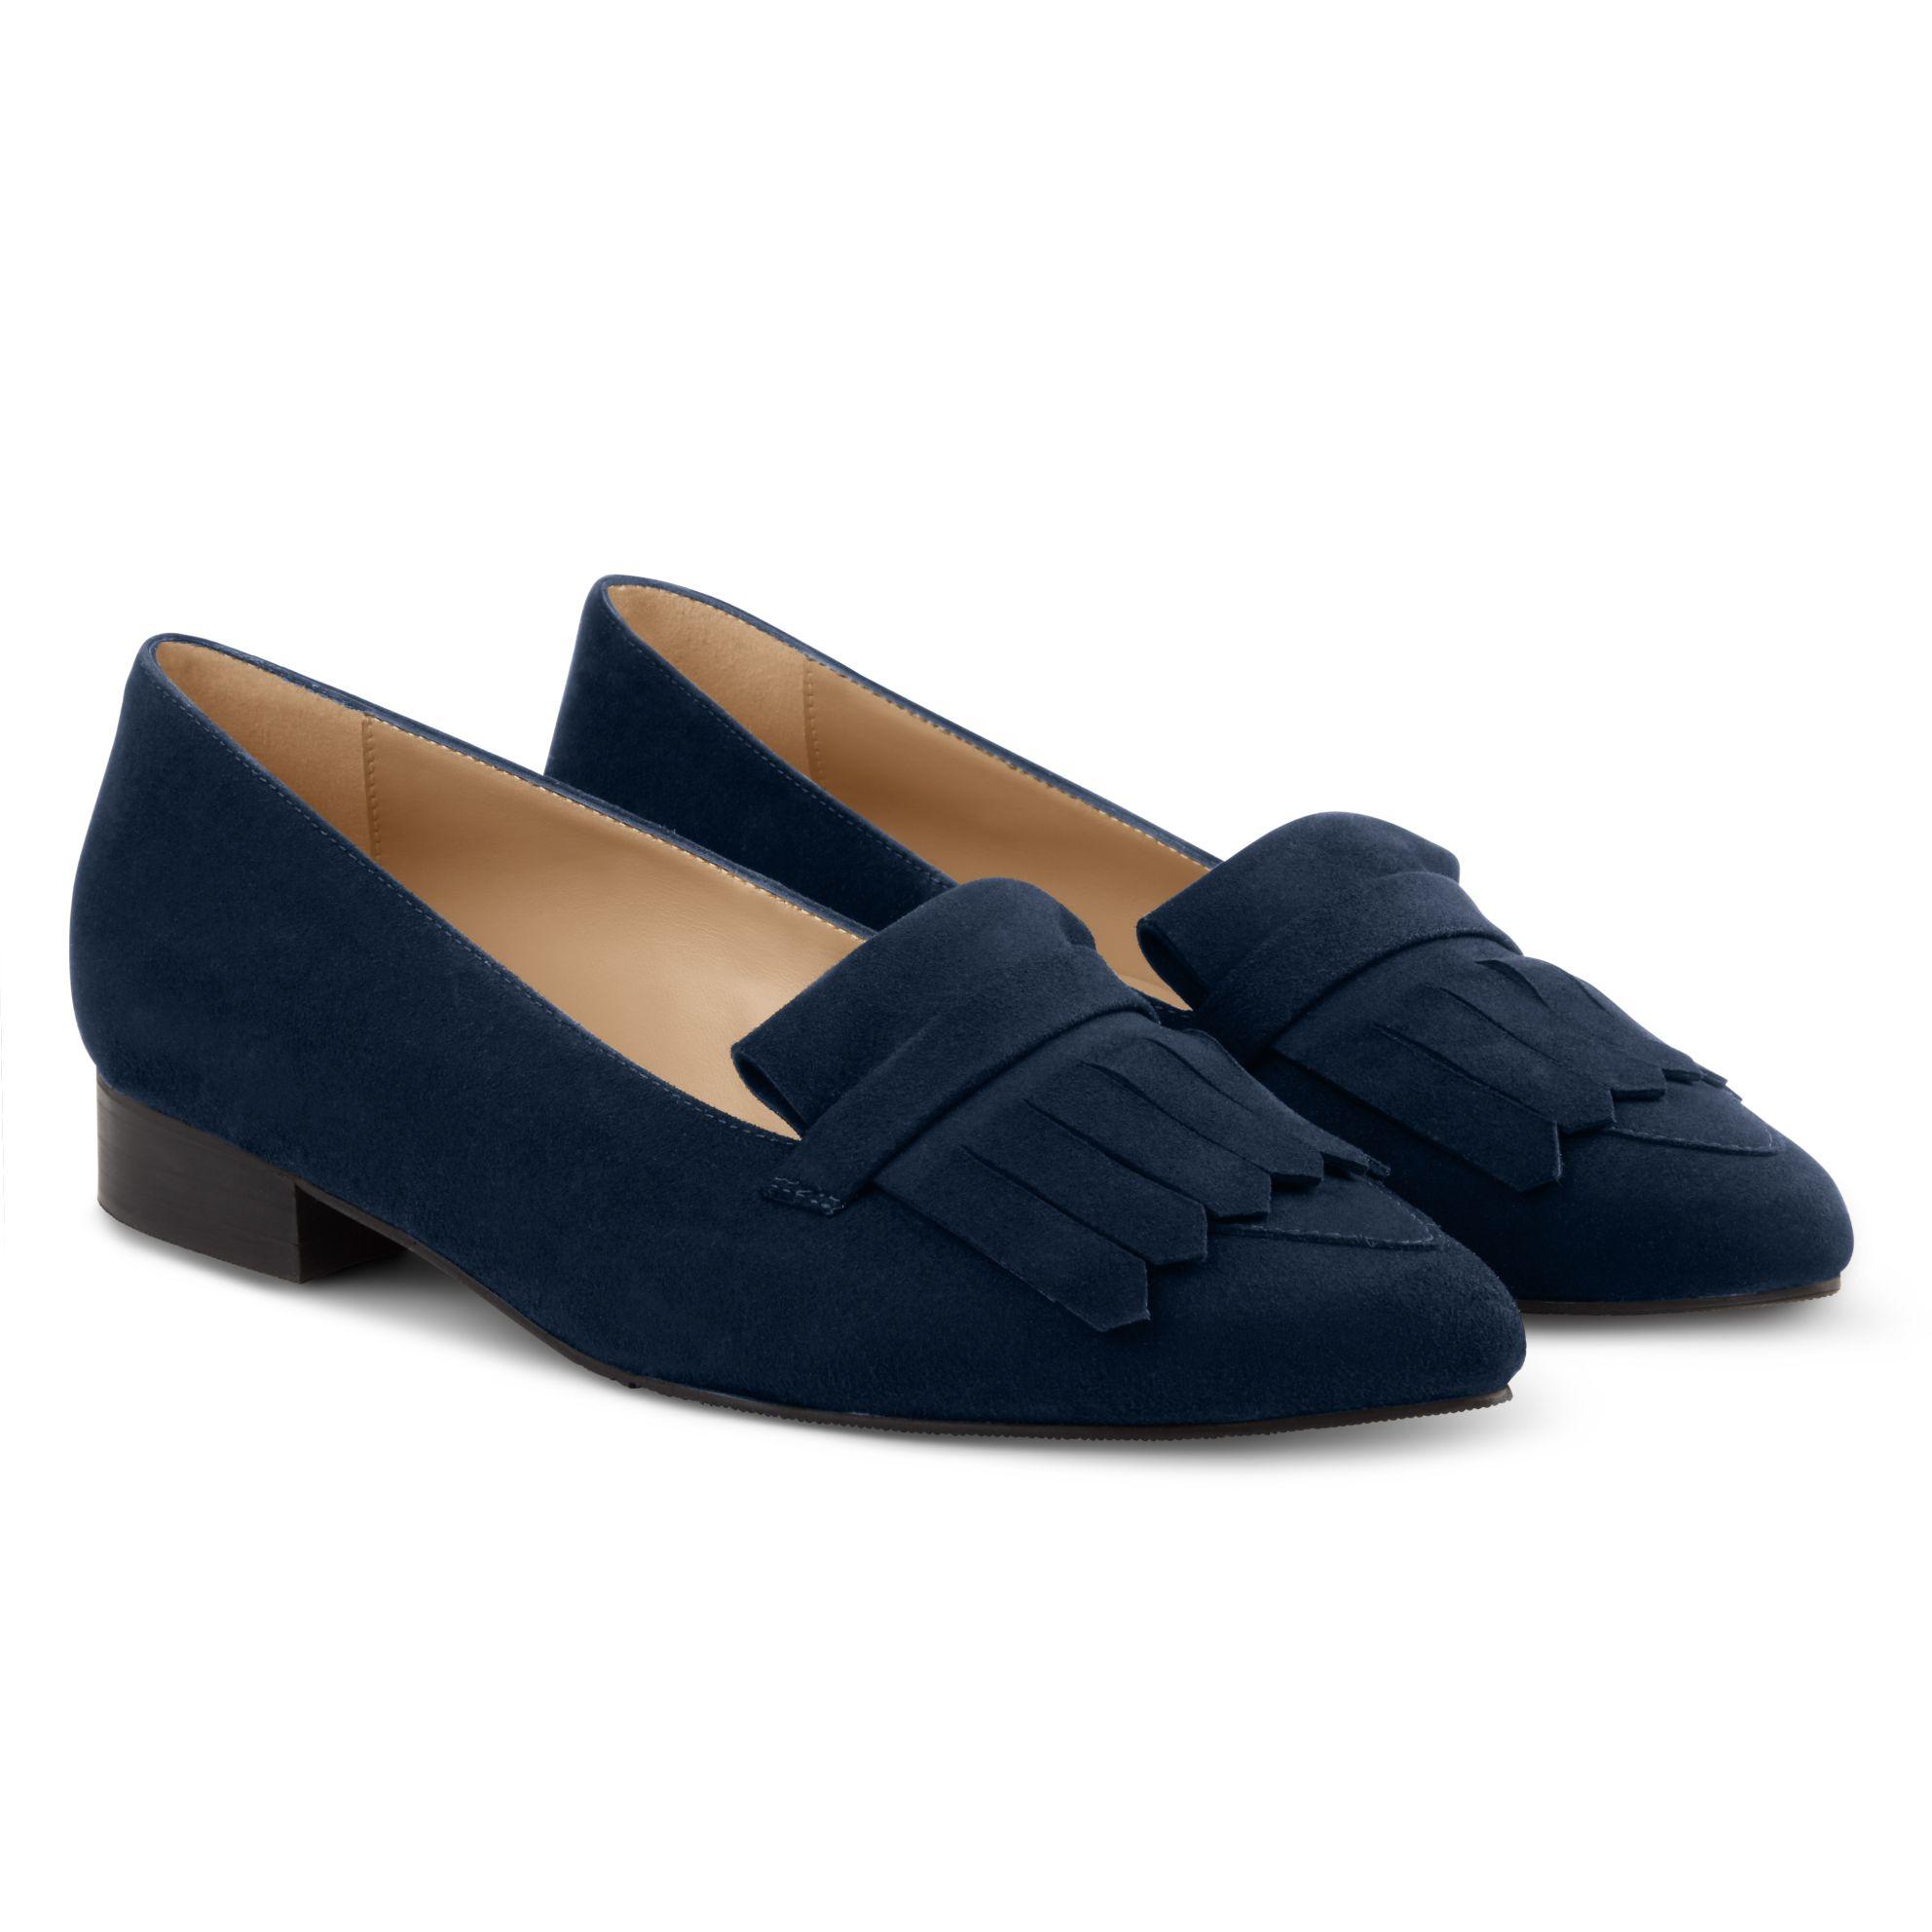 Femininer Loafer Classic Marine – modischer und bequemer Schuh für Hallux valgus und empfindliche Füße von LaShoe.de